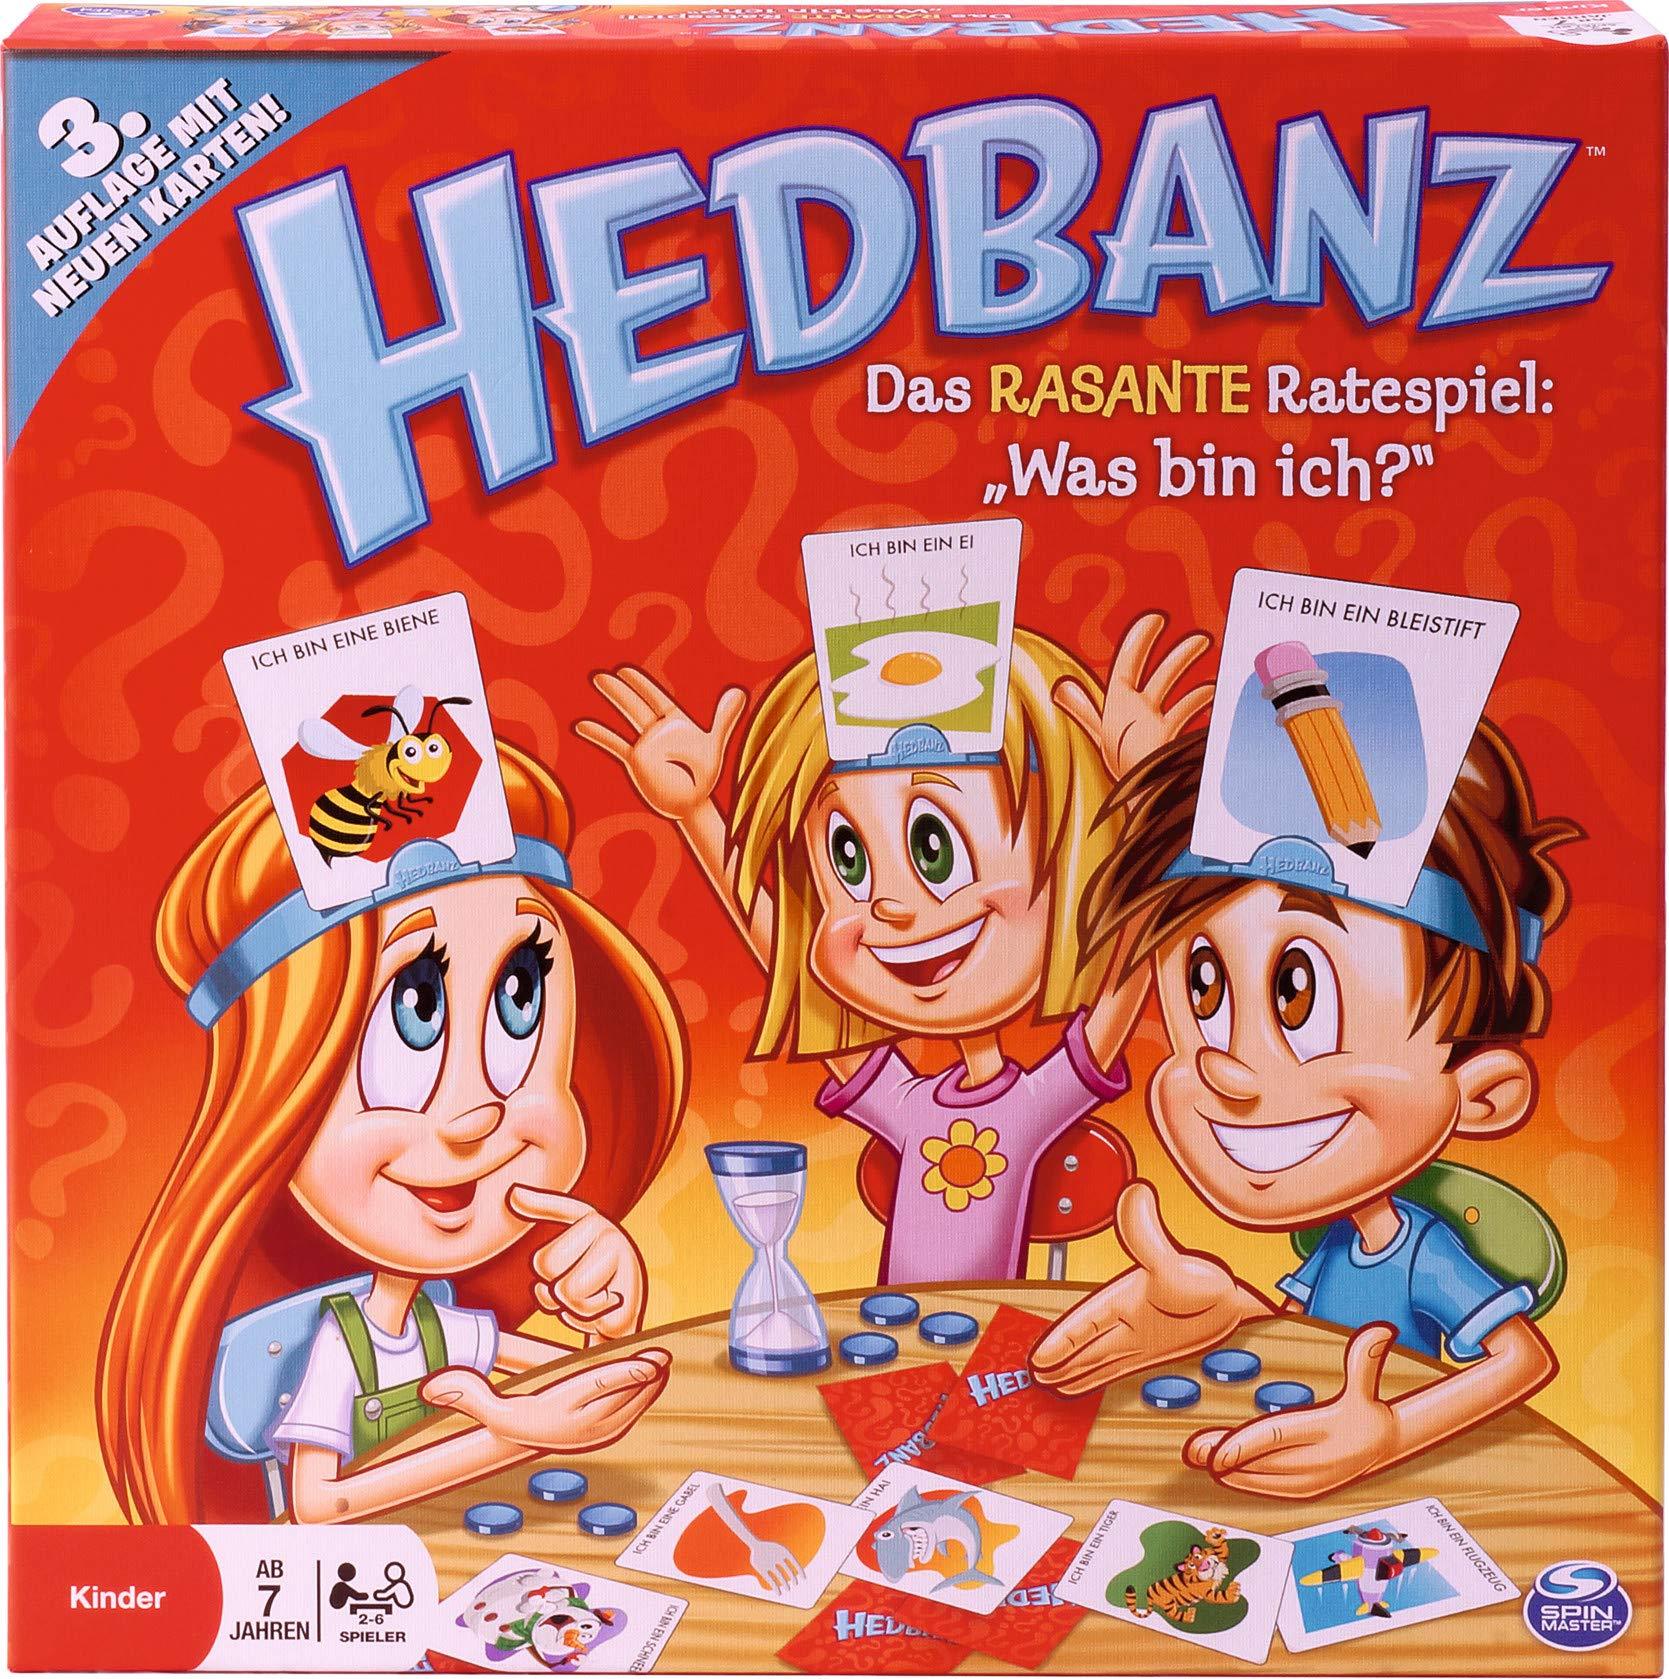 Hedbanz - Juego de mesa (Spin Master Games) [versión surtido]: Amazon.es: Juguetes y juegos